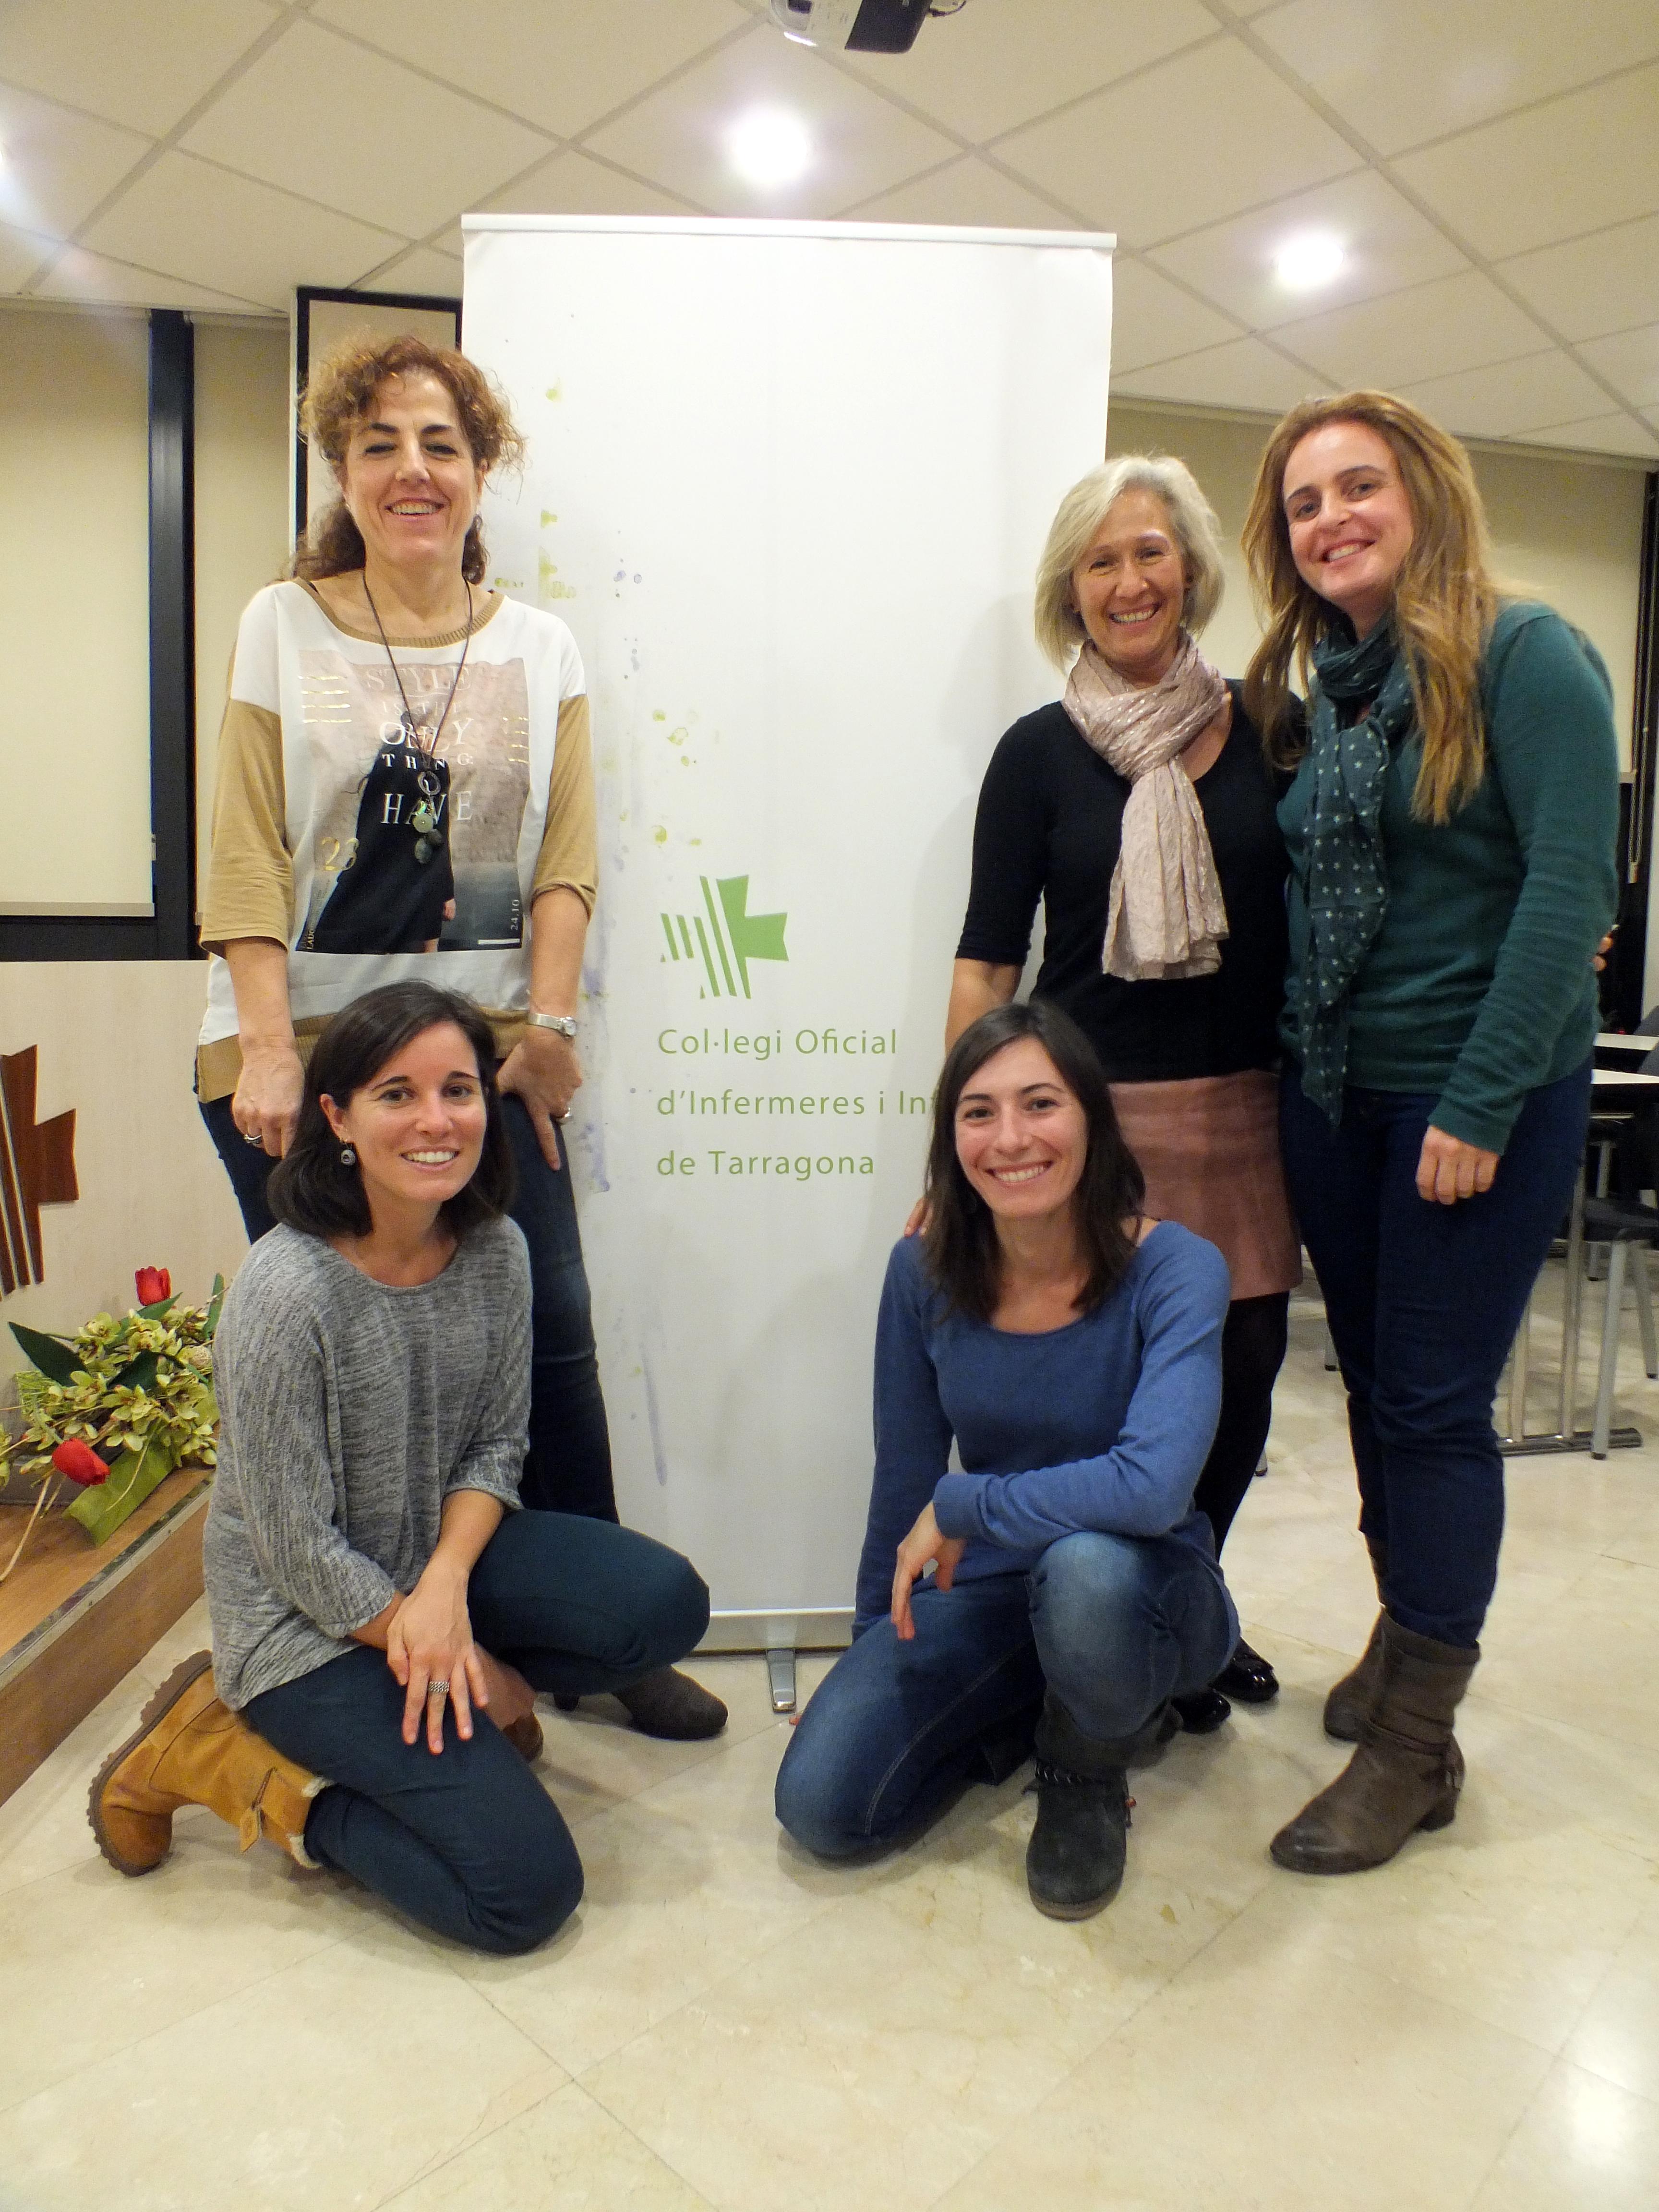 El grupo de matronas del Colegio de Enfermería de Tarragona que llevaron a cabo el estudio